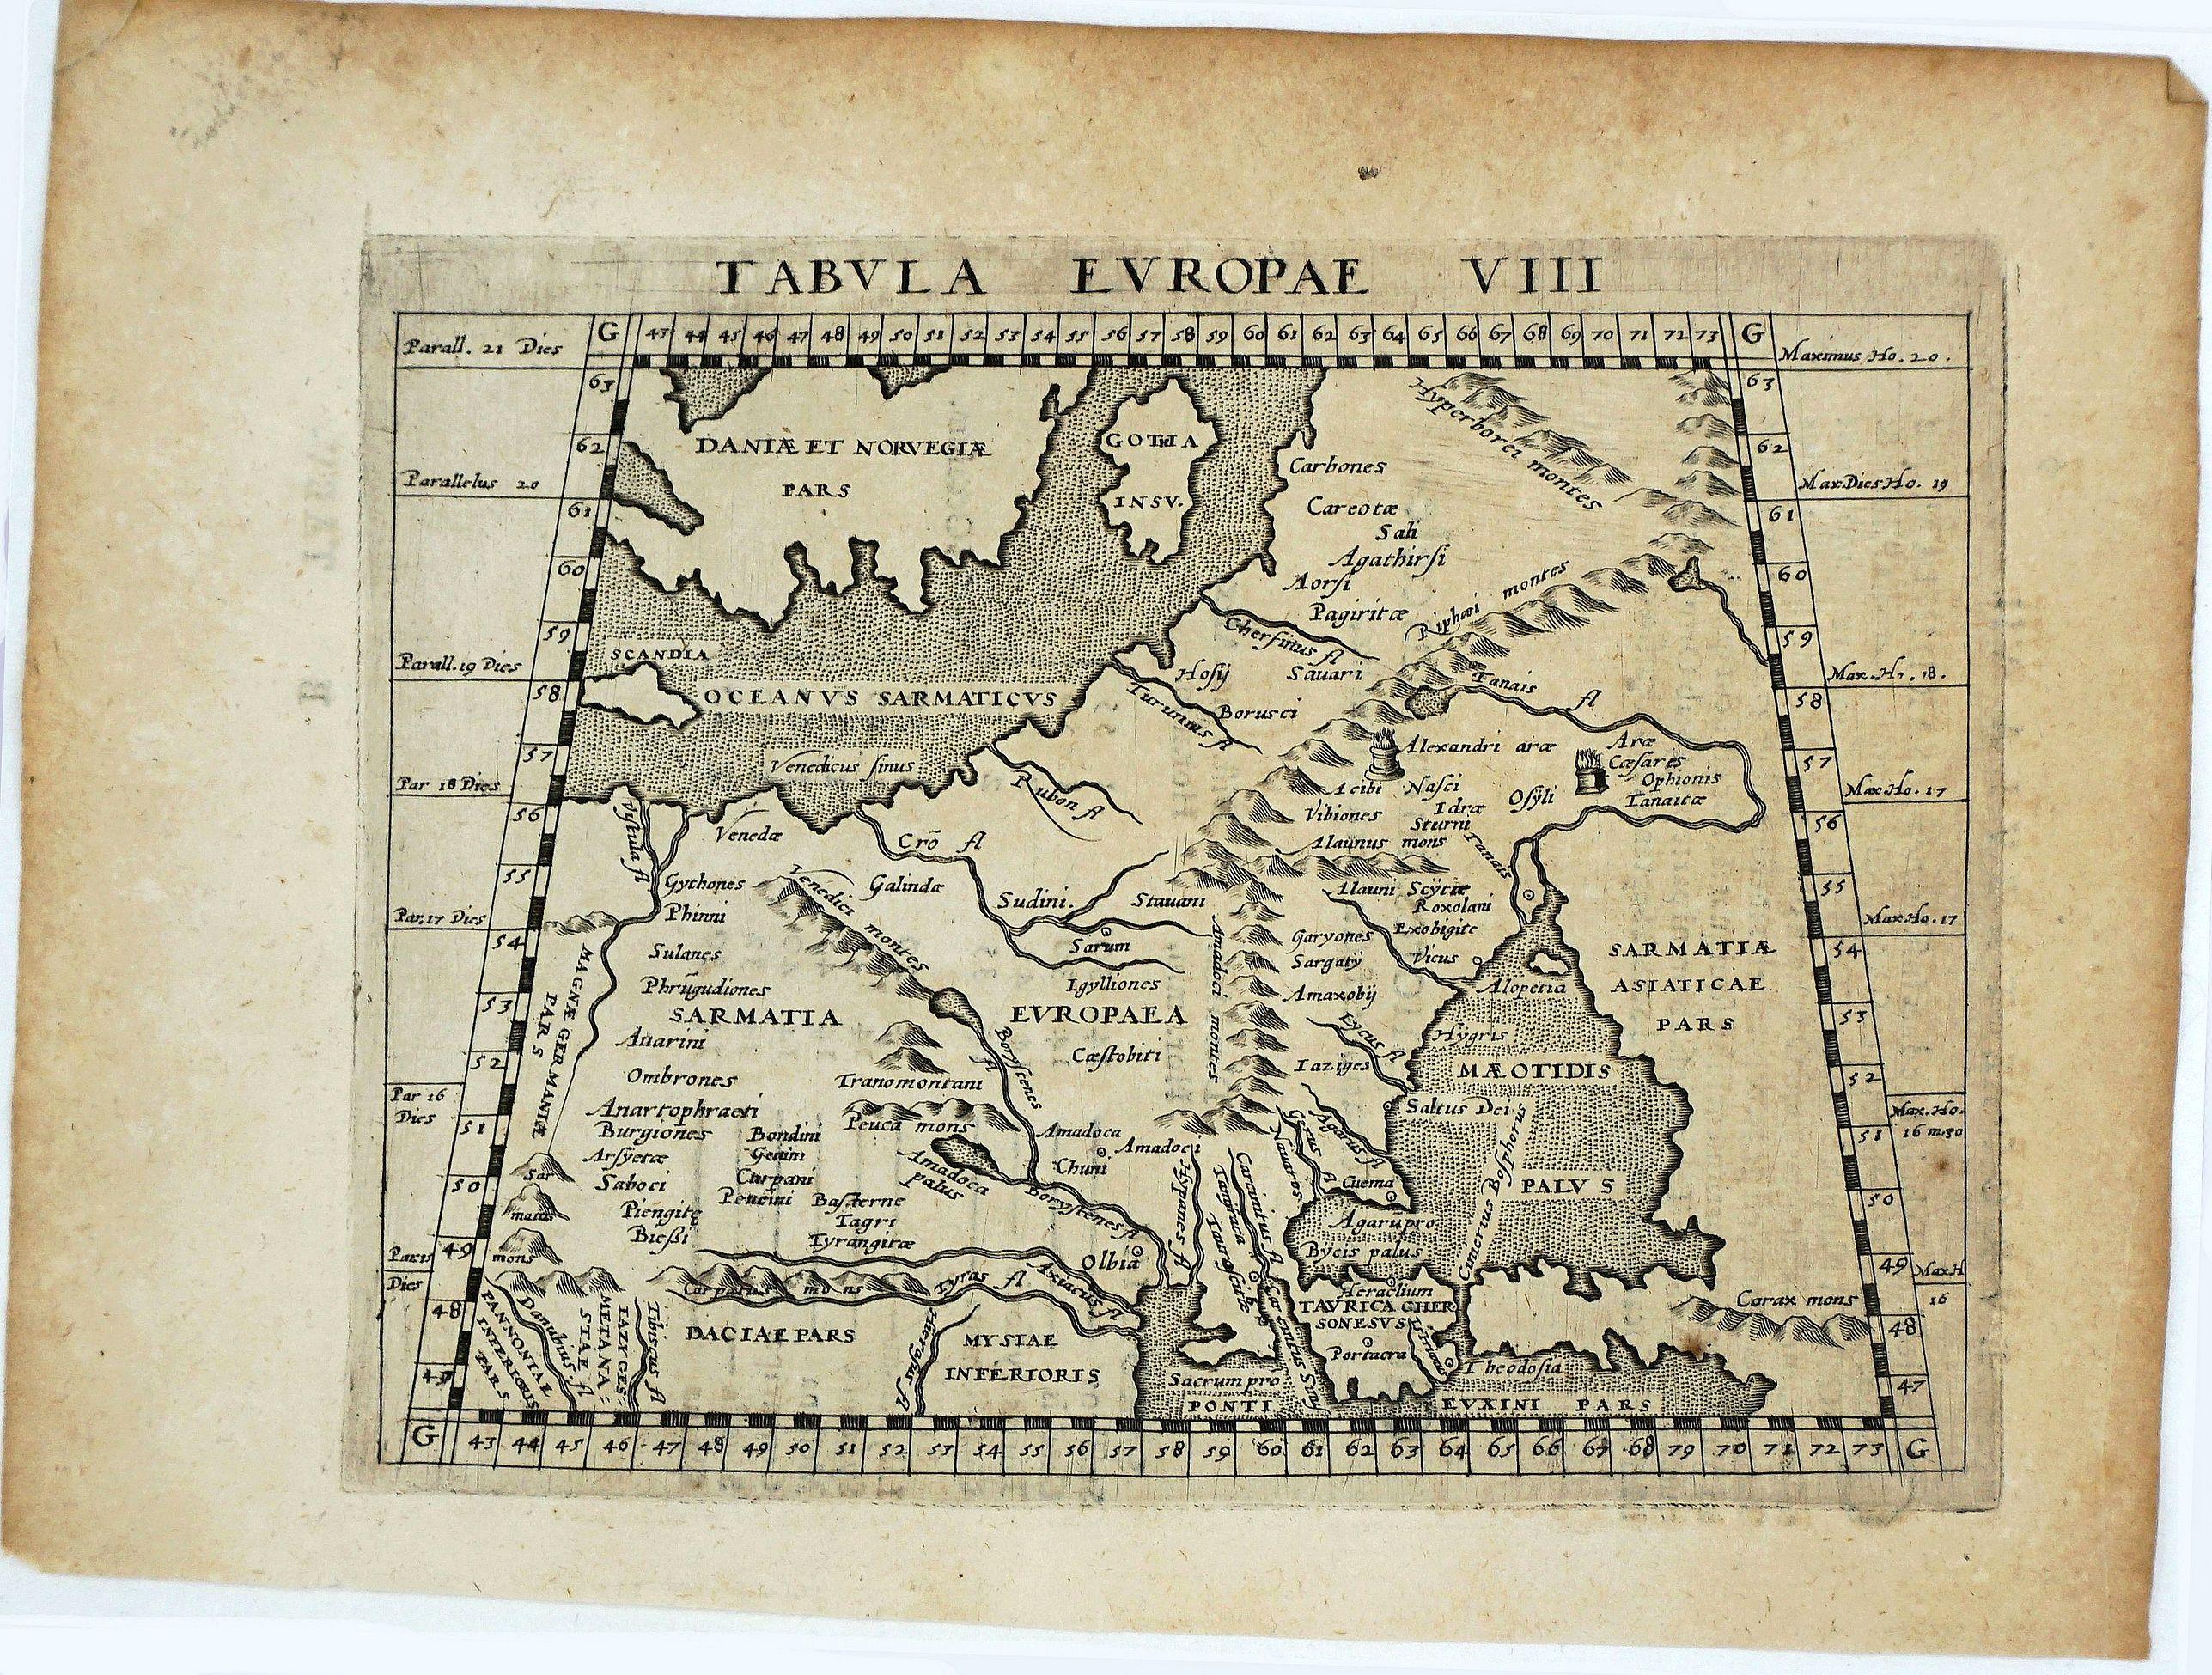 MAGINI, G. A. - Tabula Europe VIII.